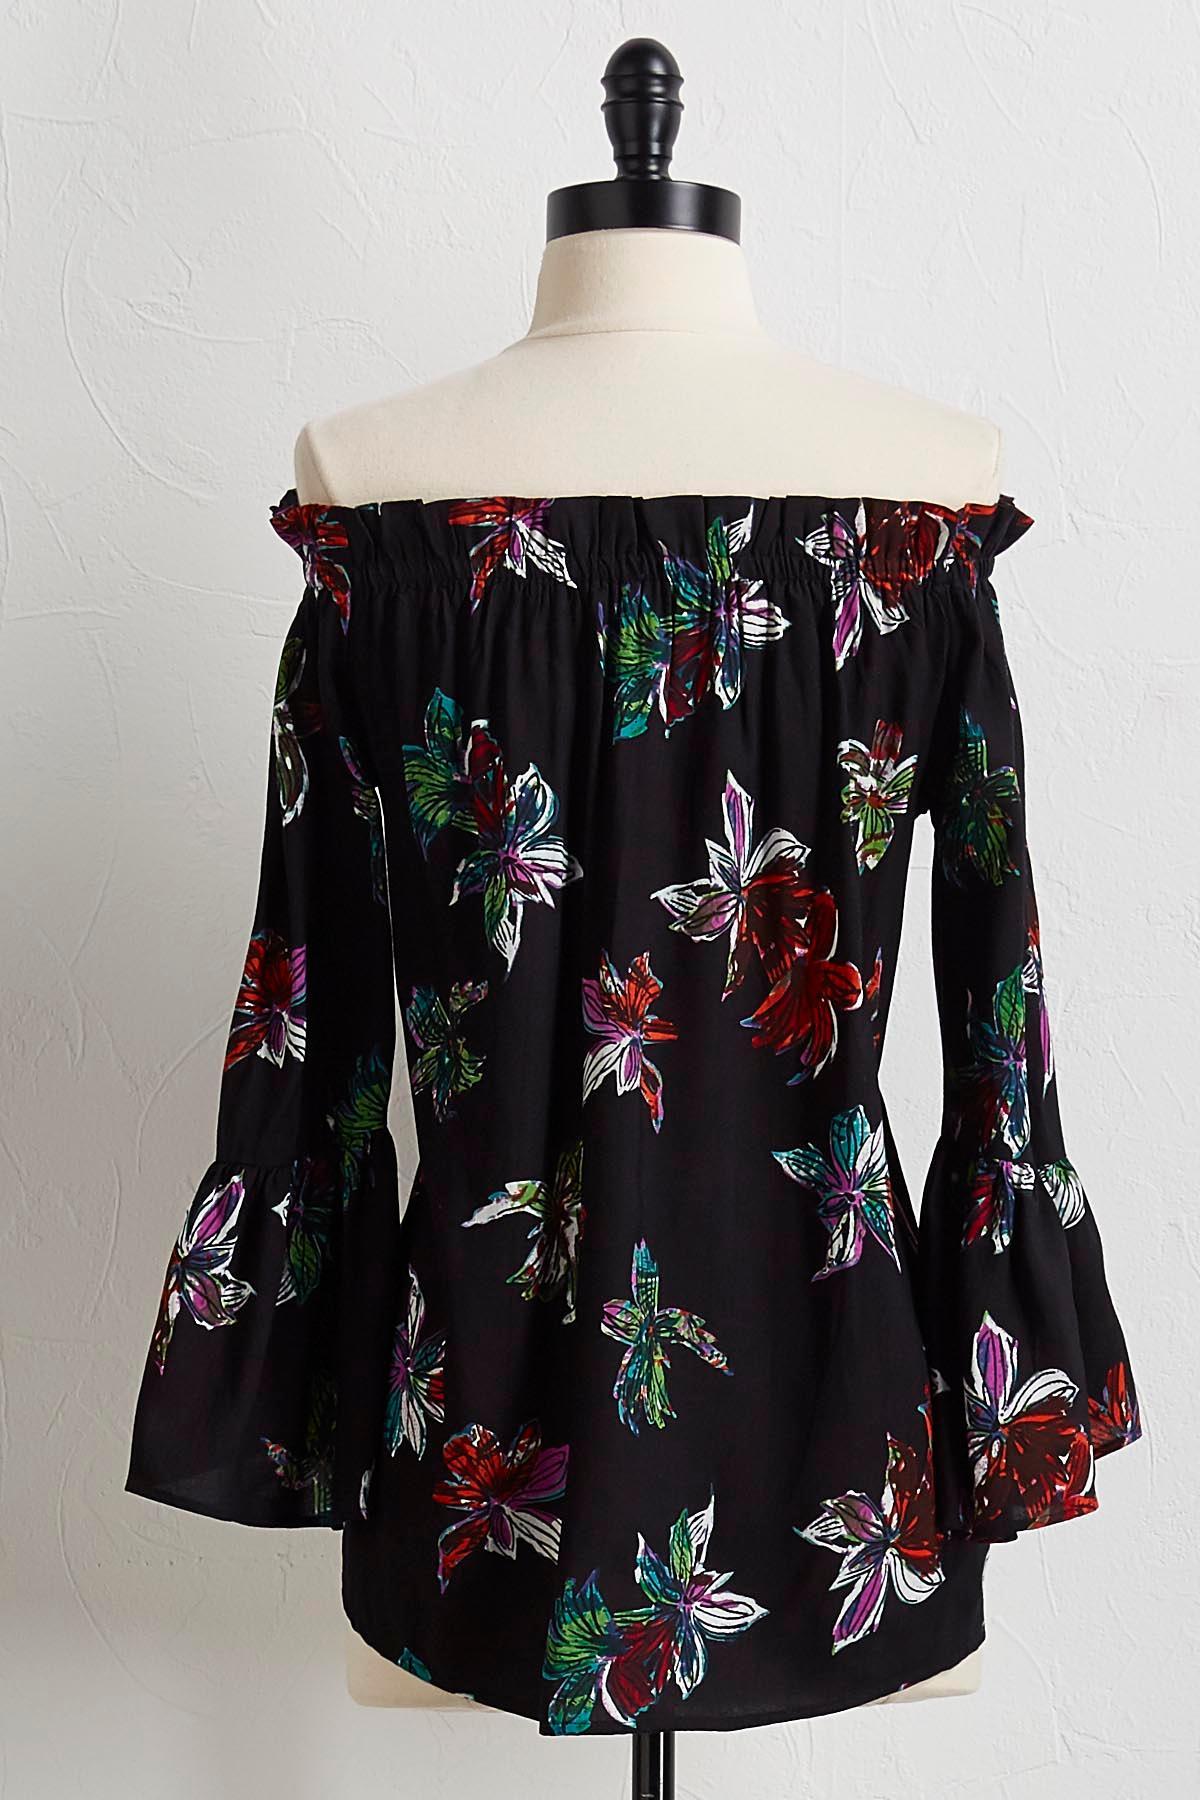 Black Floral Off The Shoulder Top